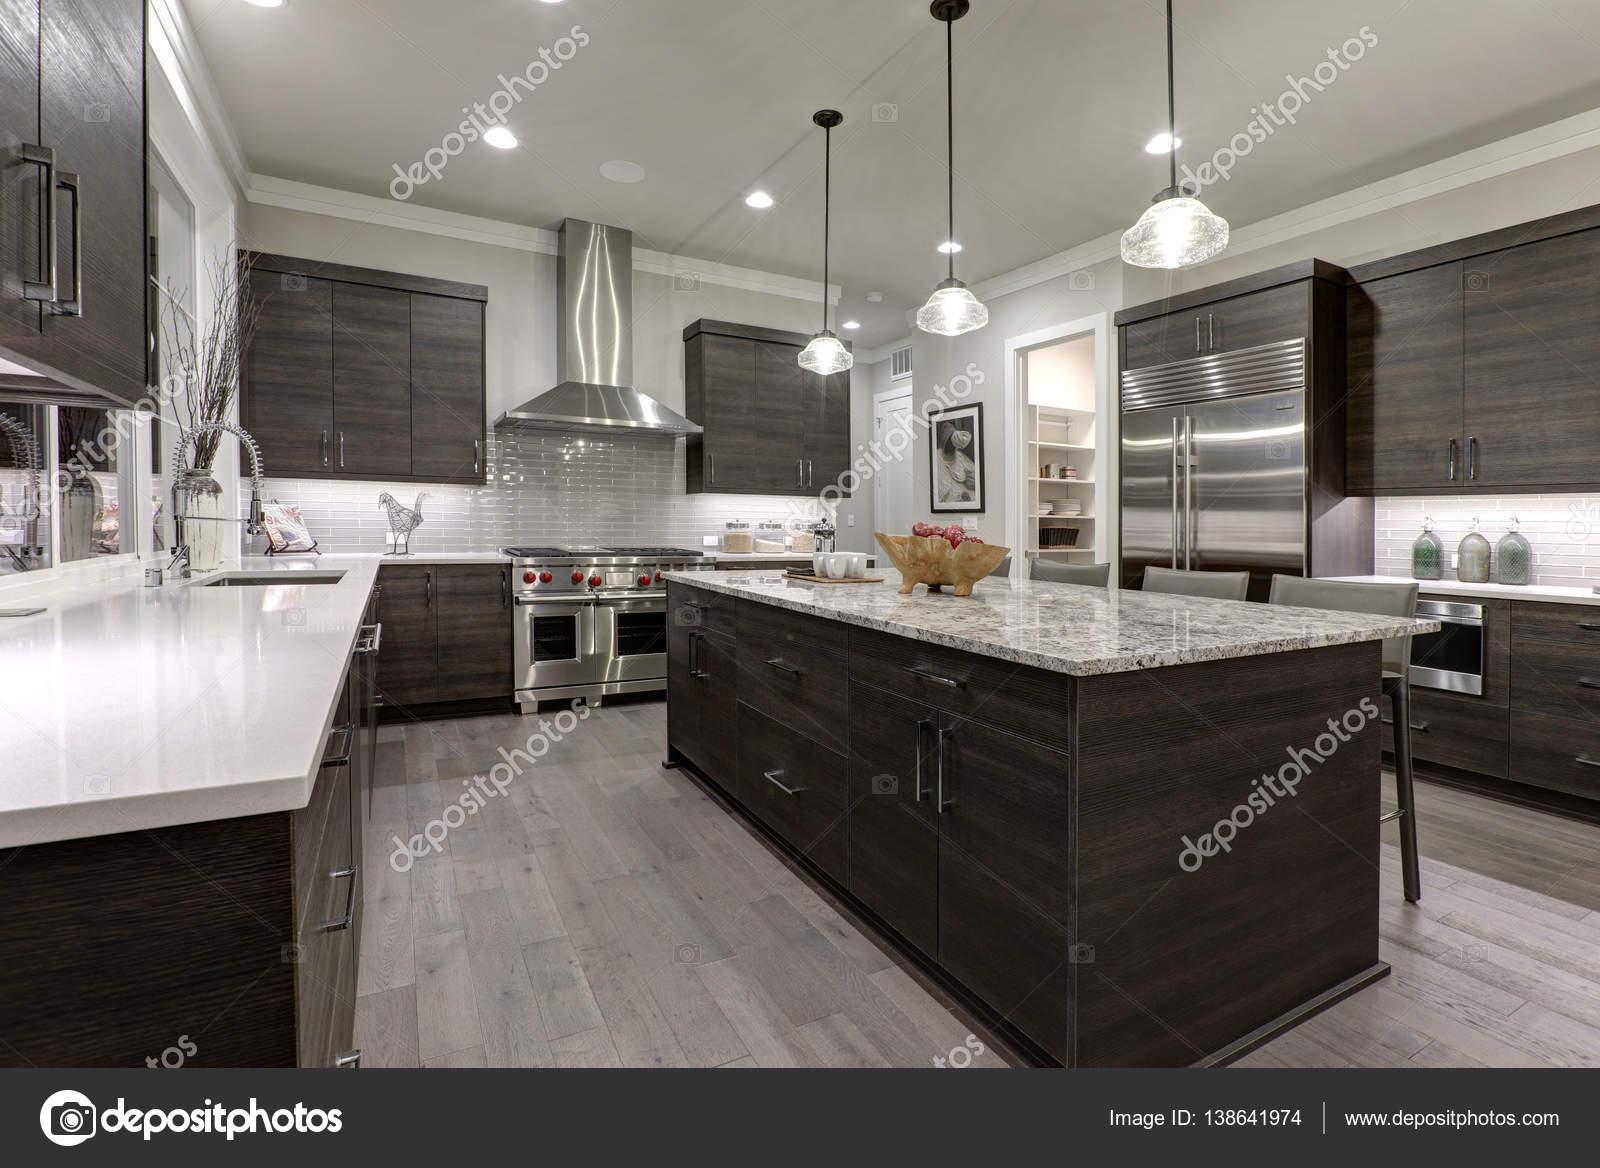 Cocina gris cuenta con gabinetes de piso delanteros gris oscuros ...